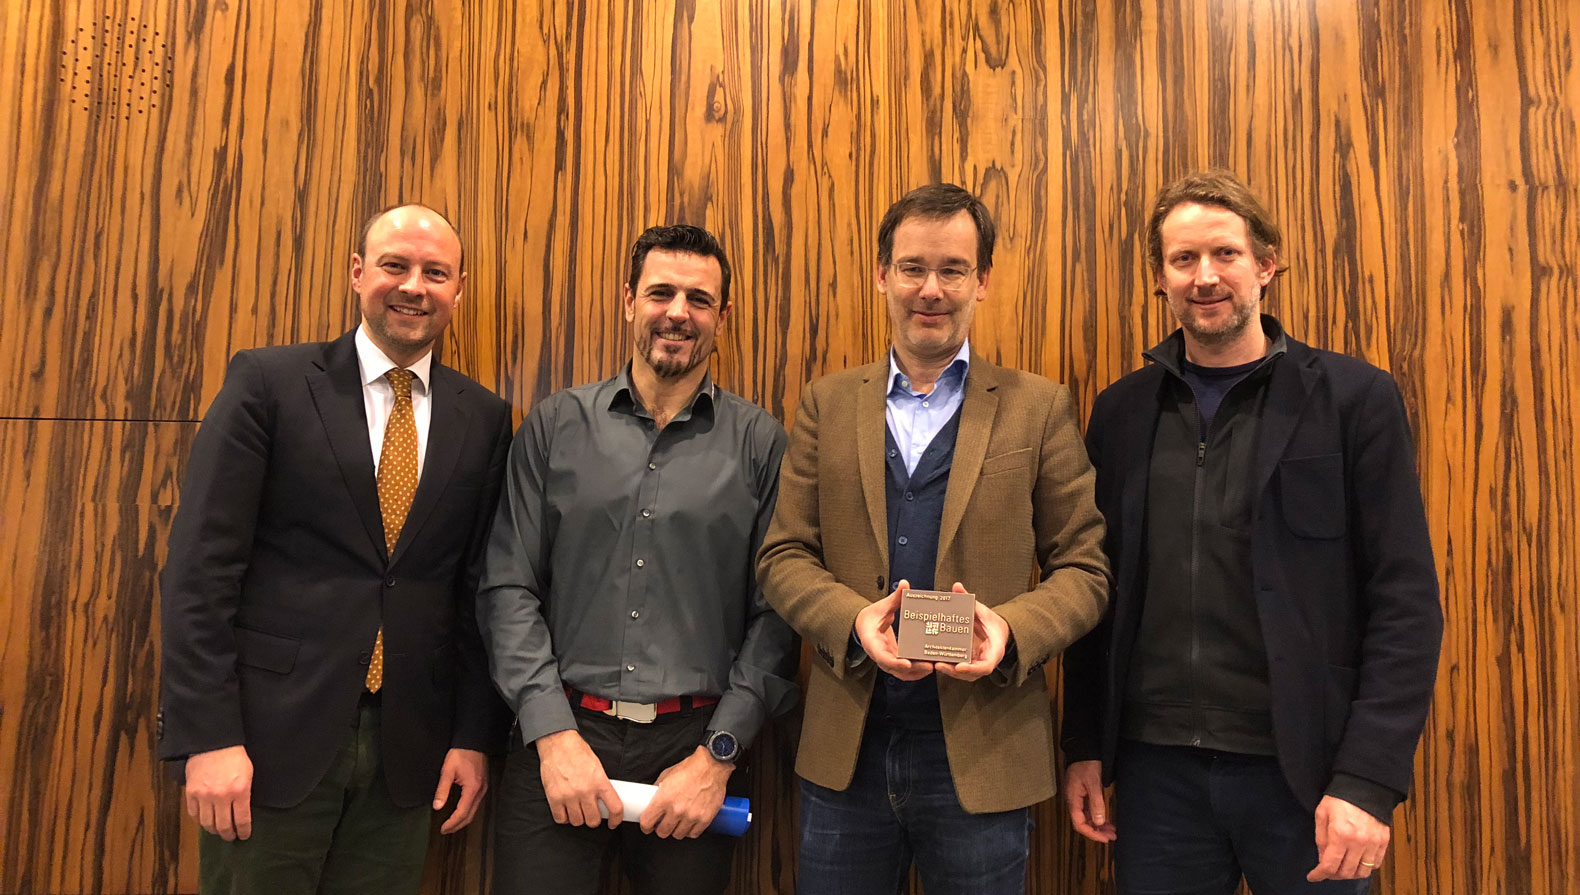 Gasometer: Johannes Schweizer (Bauherr Parkhotel Pforzheim), Mike Vivas (Bauleitung), Fabian Berthold und Hans Aescht – v.l.n.r.